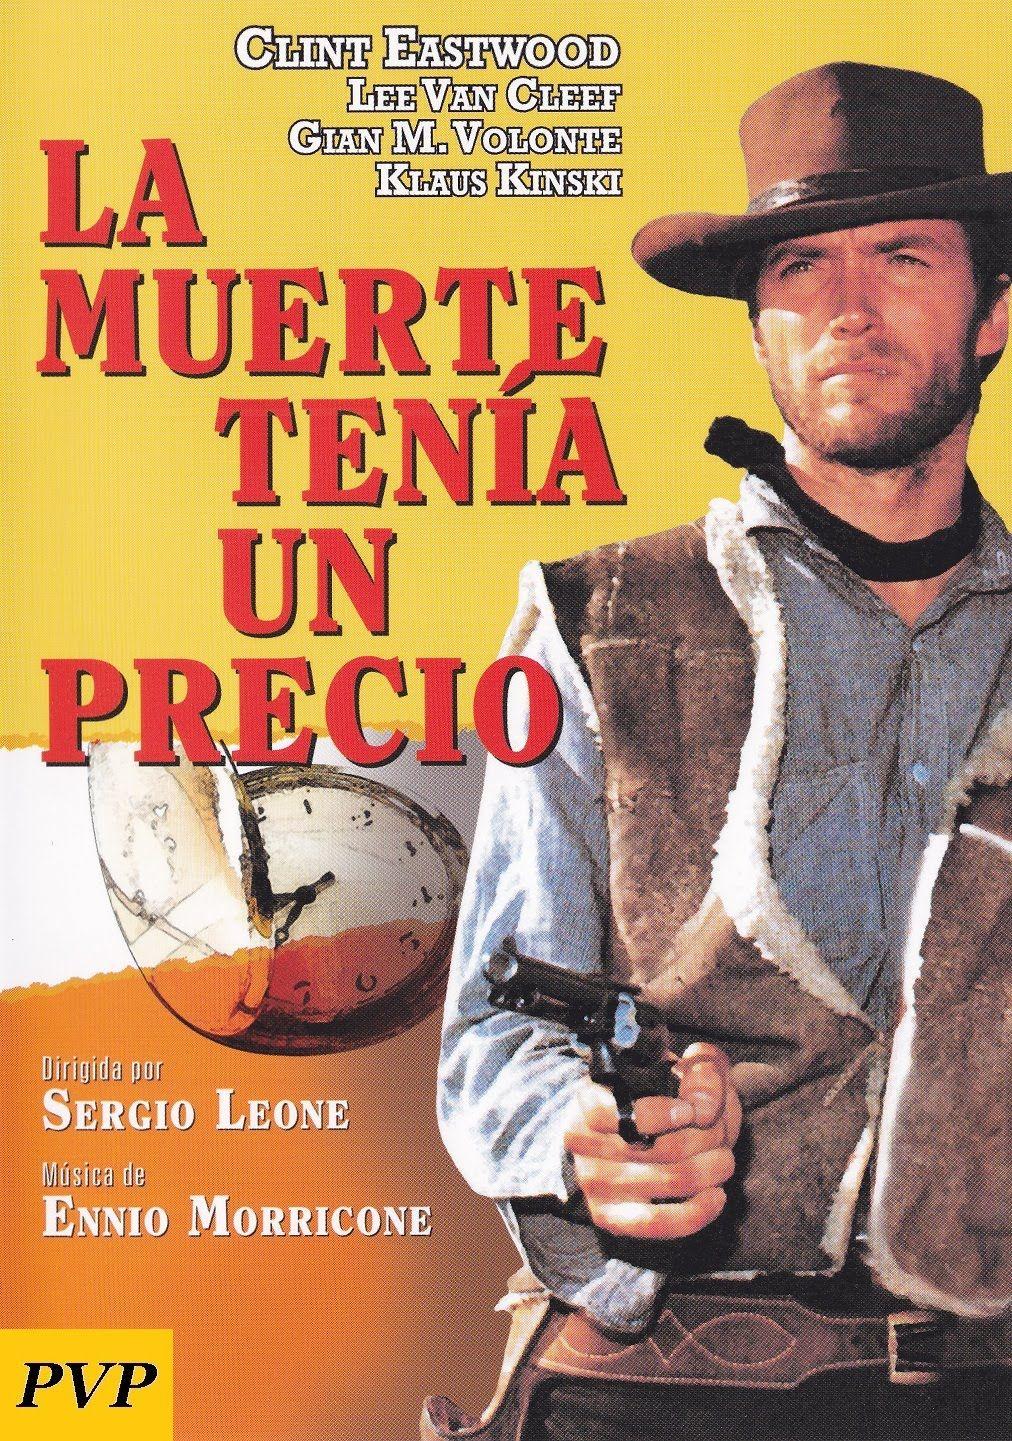 Película Italohispanoalemana Del Género Spaghetti Western Rodada En Almería Y Protagonizada Por Clint Eastwood Clint Eastwood Cine Del Oeste Carteles De Cine